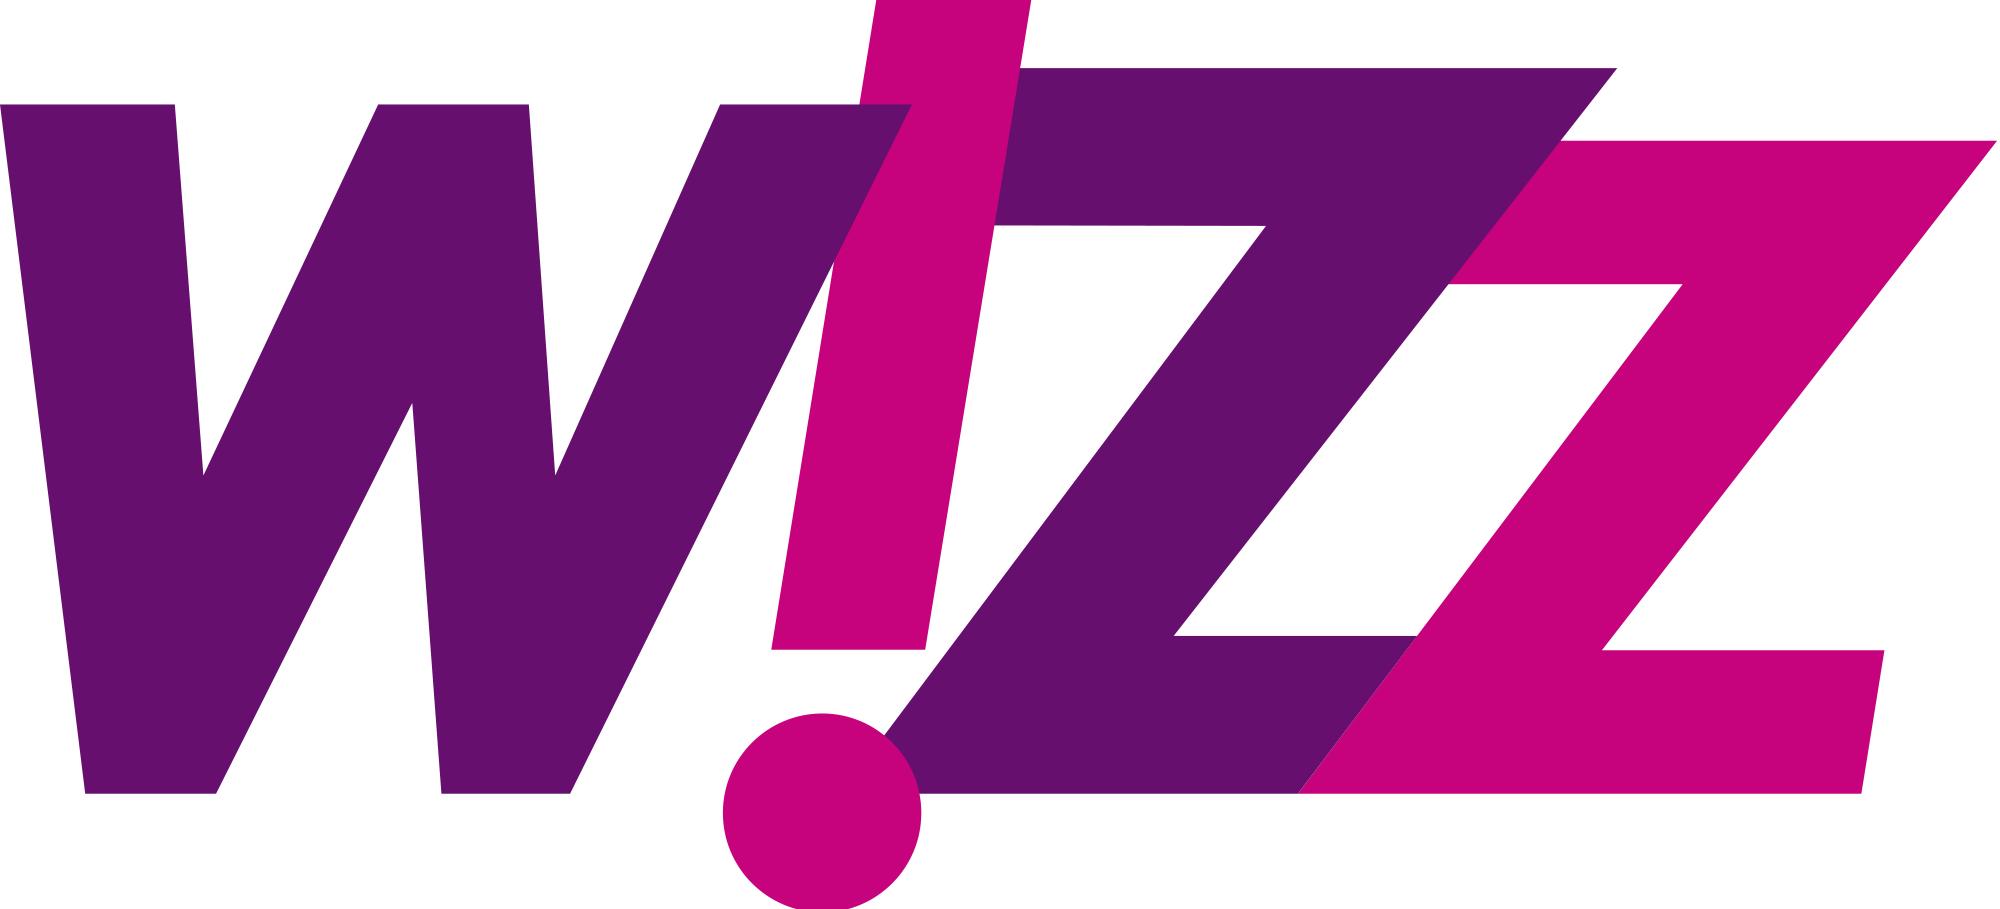 Wizzair - 20% descuento en TODAS sus rutas - SOLO HOY